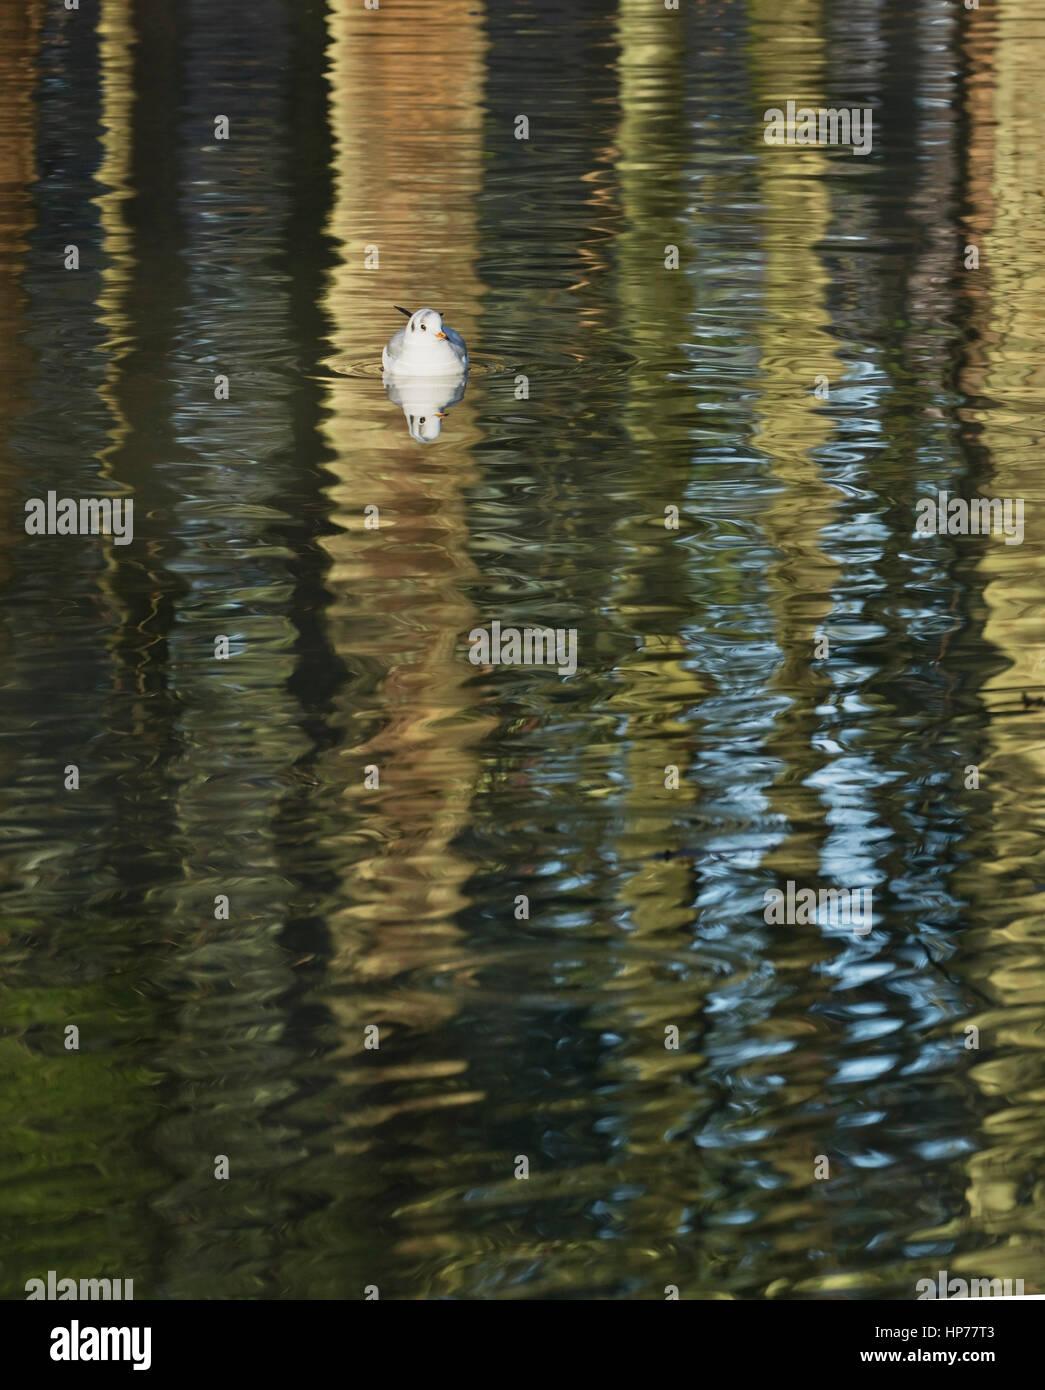 Mouette sur le plan formé par des réflexions de troncs d'arbres sur l'eau Photo Stock